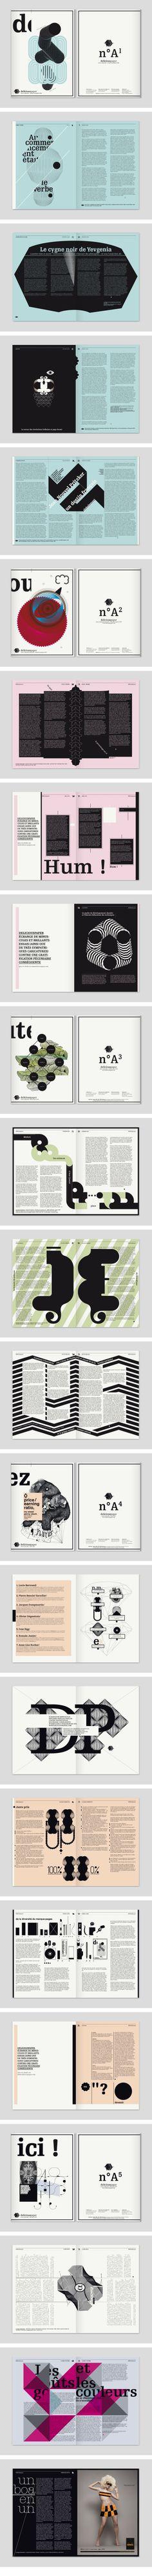 簡潔圖文-跨頁排版設計 | MyDesy 淘靈感